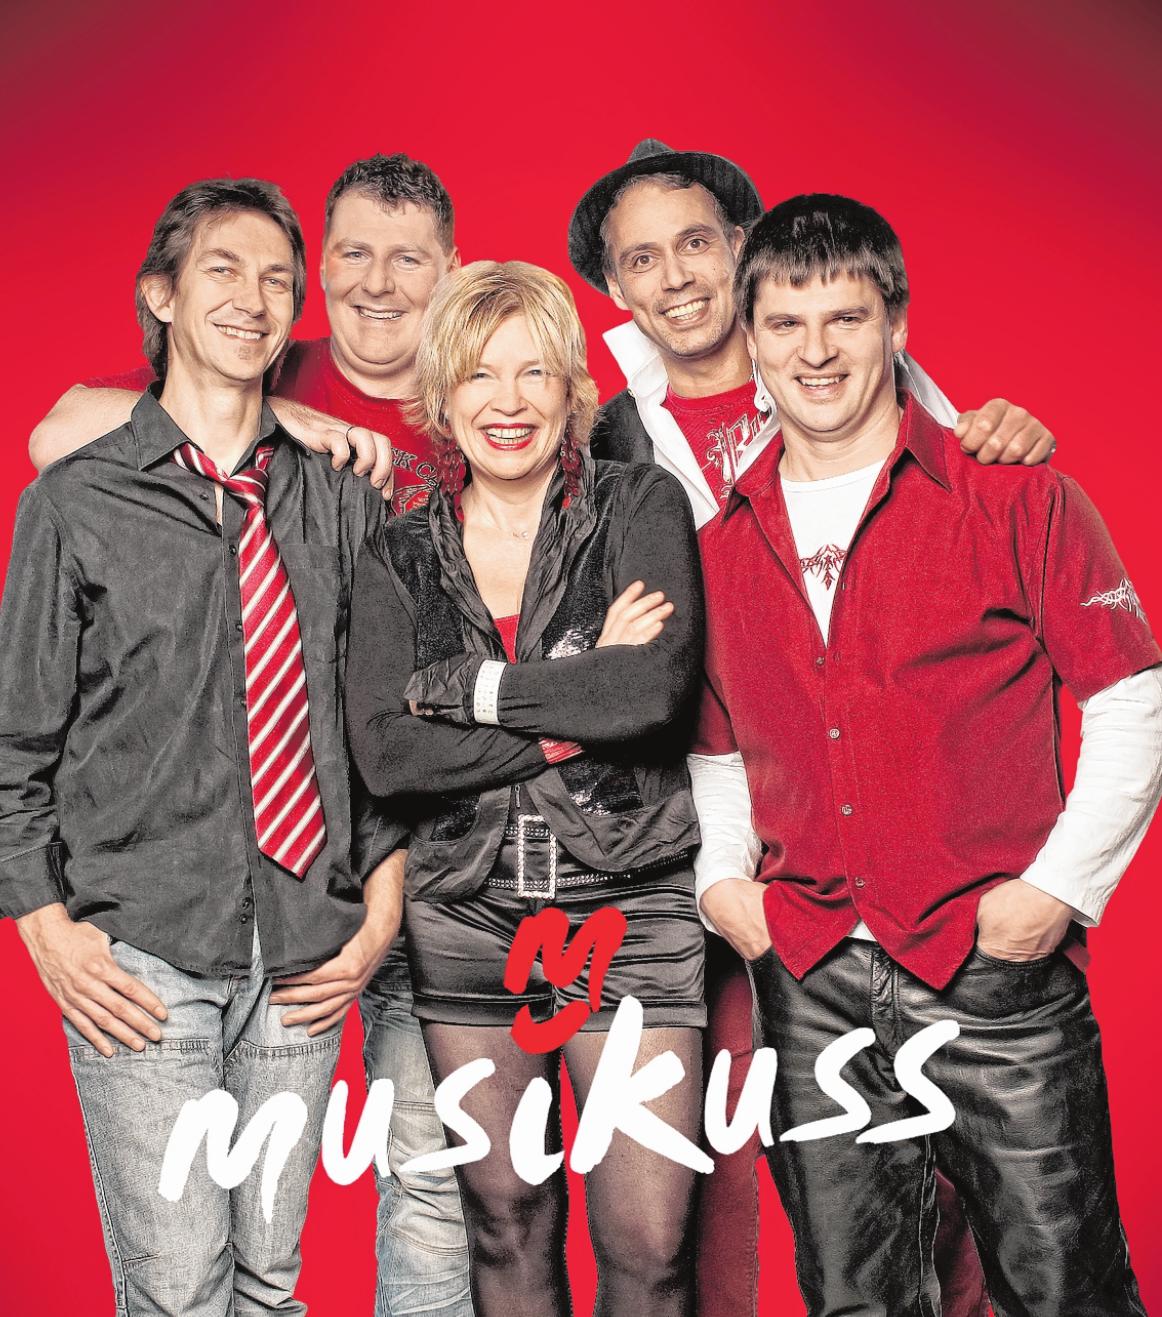 """Voll die Party – das verspricht die bayerische Band """"Musikuss"""" am ersten Festwochen-Samstag. FOTO: STEFAN GEISENFELDER"""